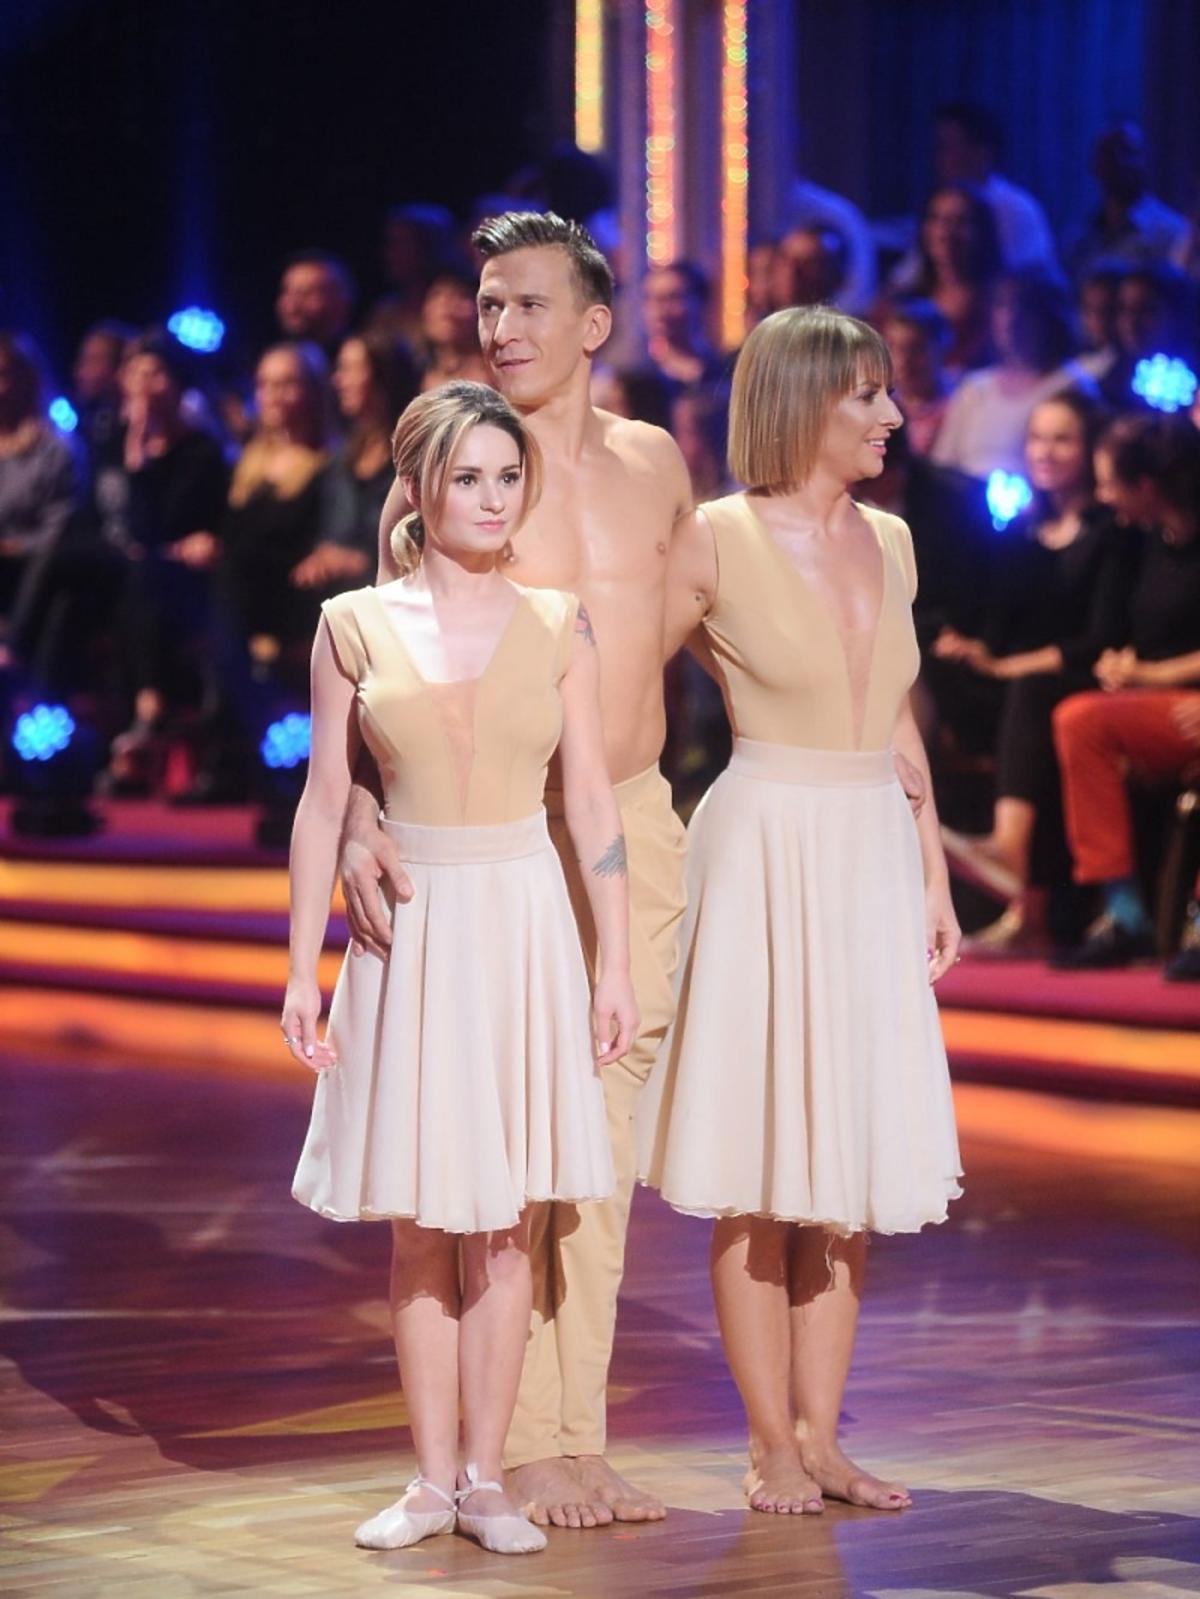 Tomasz Barański w baletowym stroju, Ewelina Lisowska jako baletnica w Tańcu z Gwiazdami